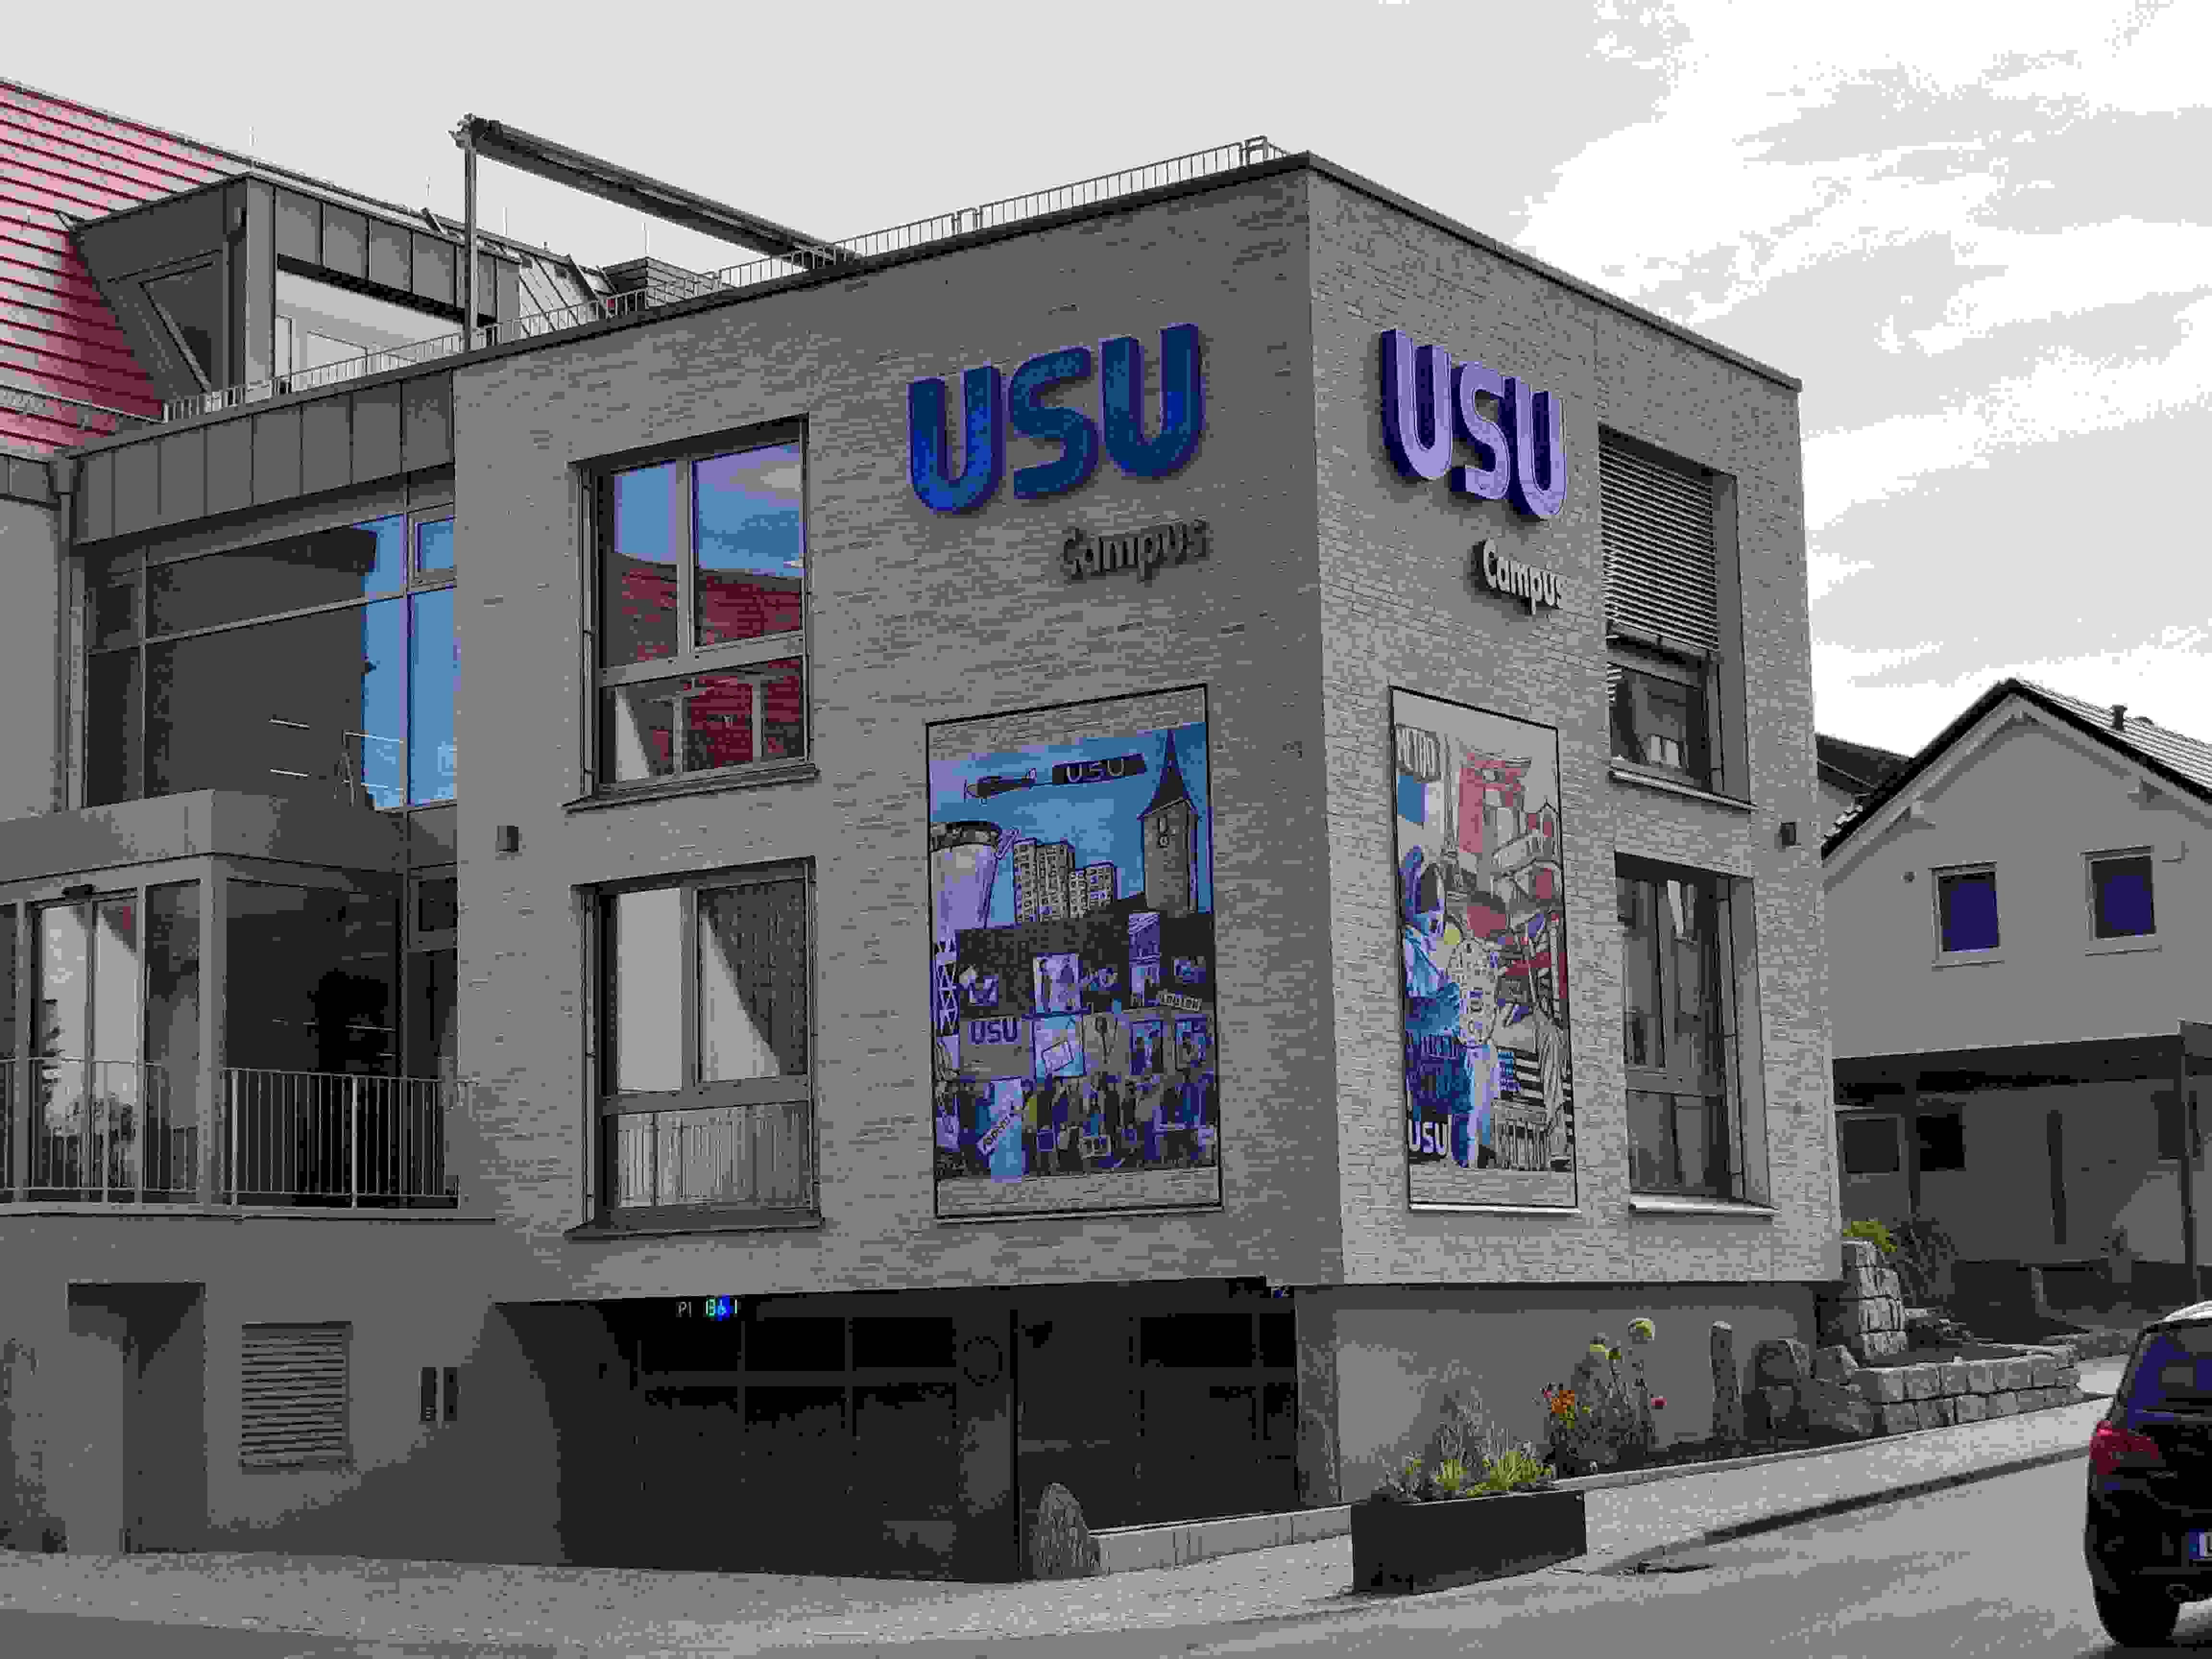 usu_campus1c.jpg